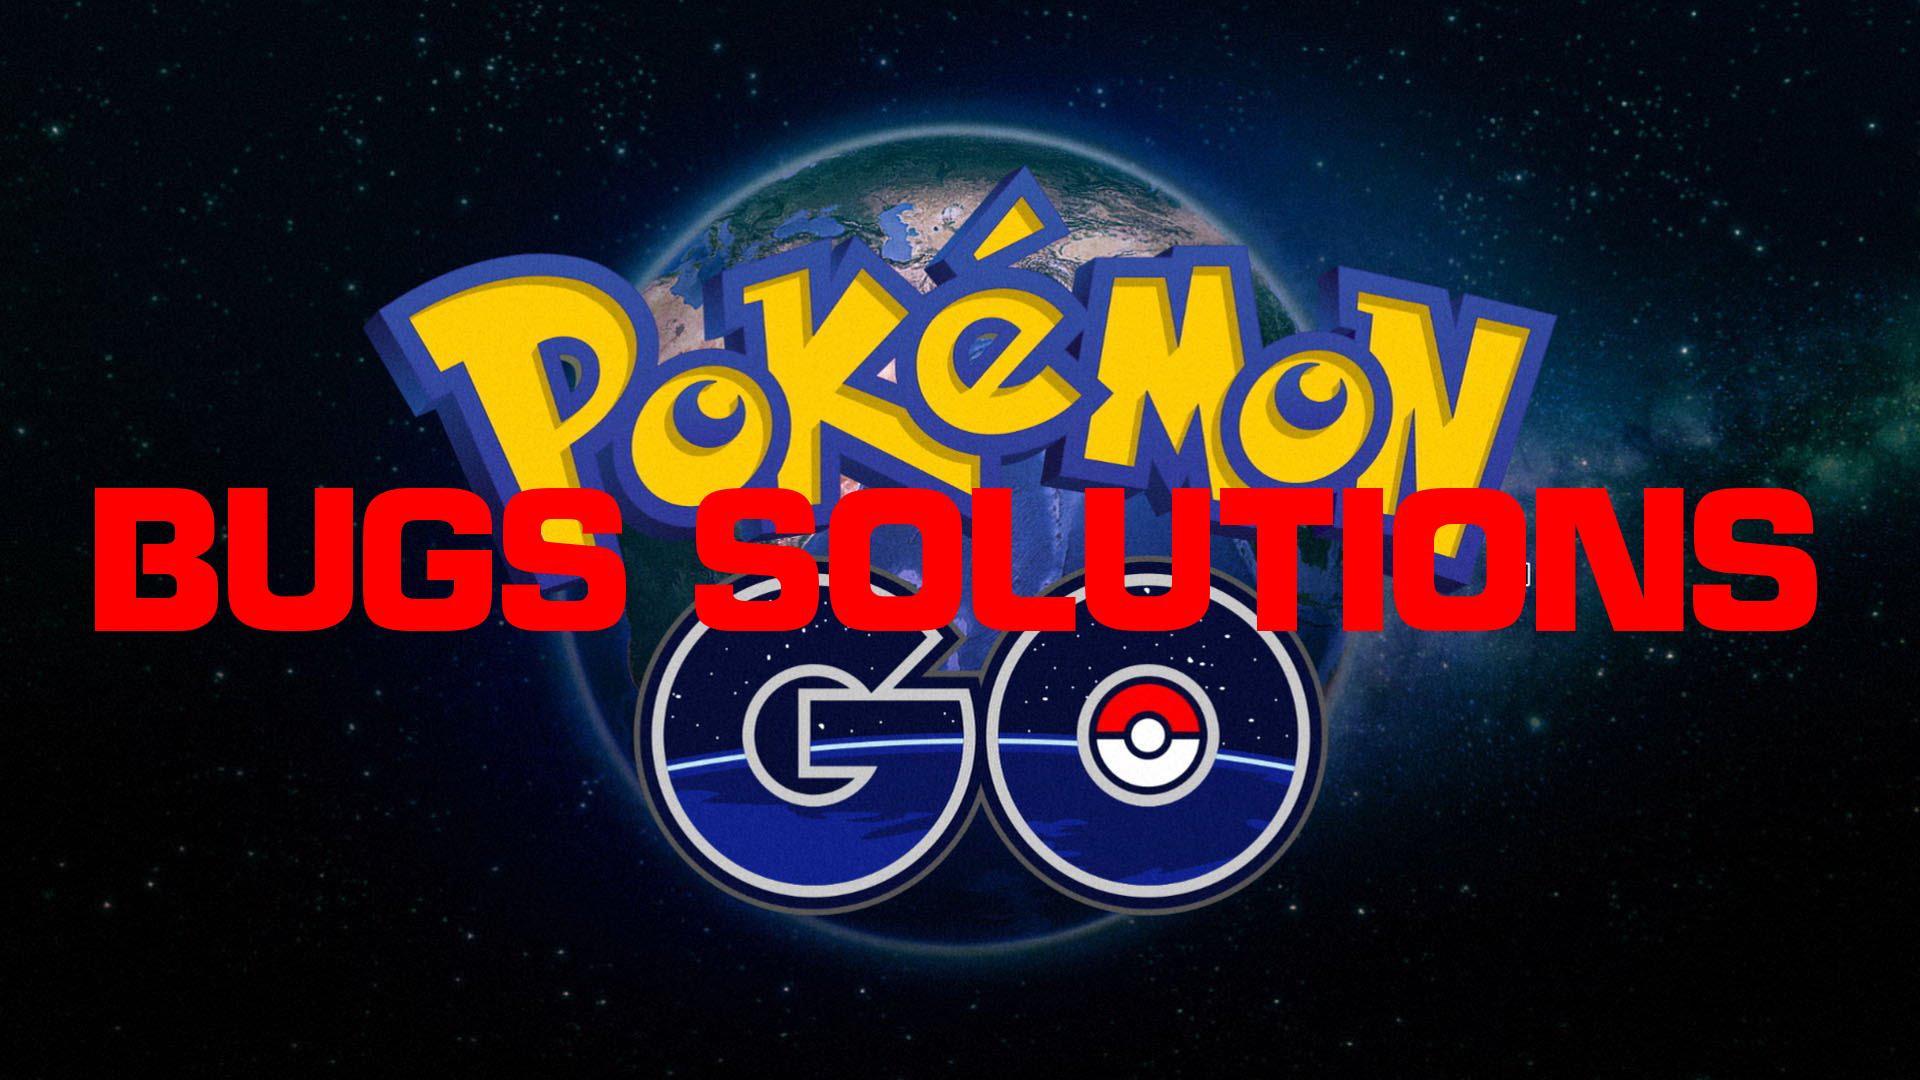 Pokemon Go July Update-Pokemon Go Bug Fixes